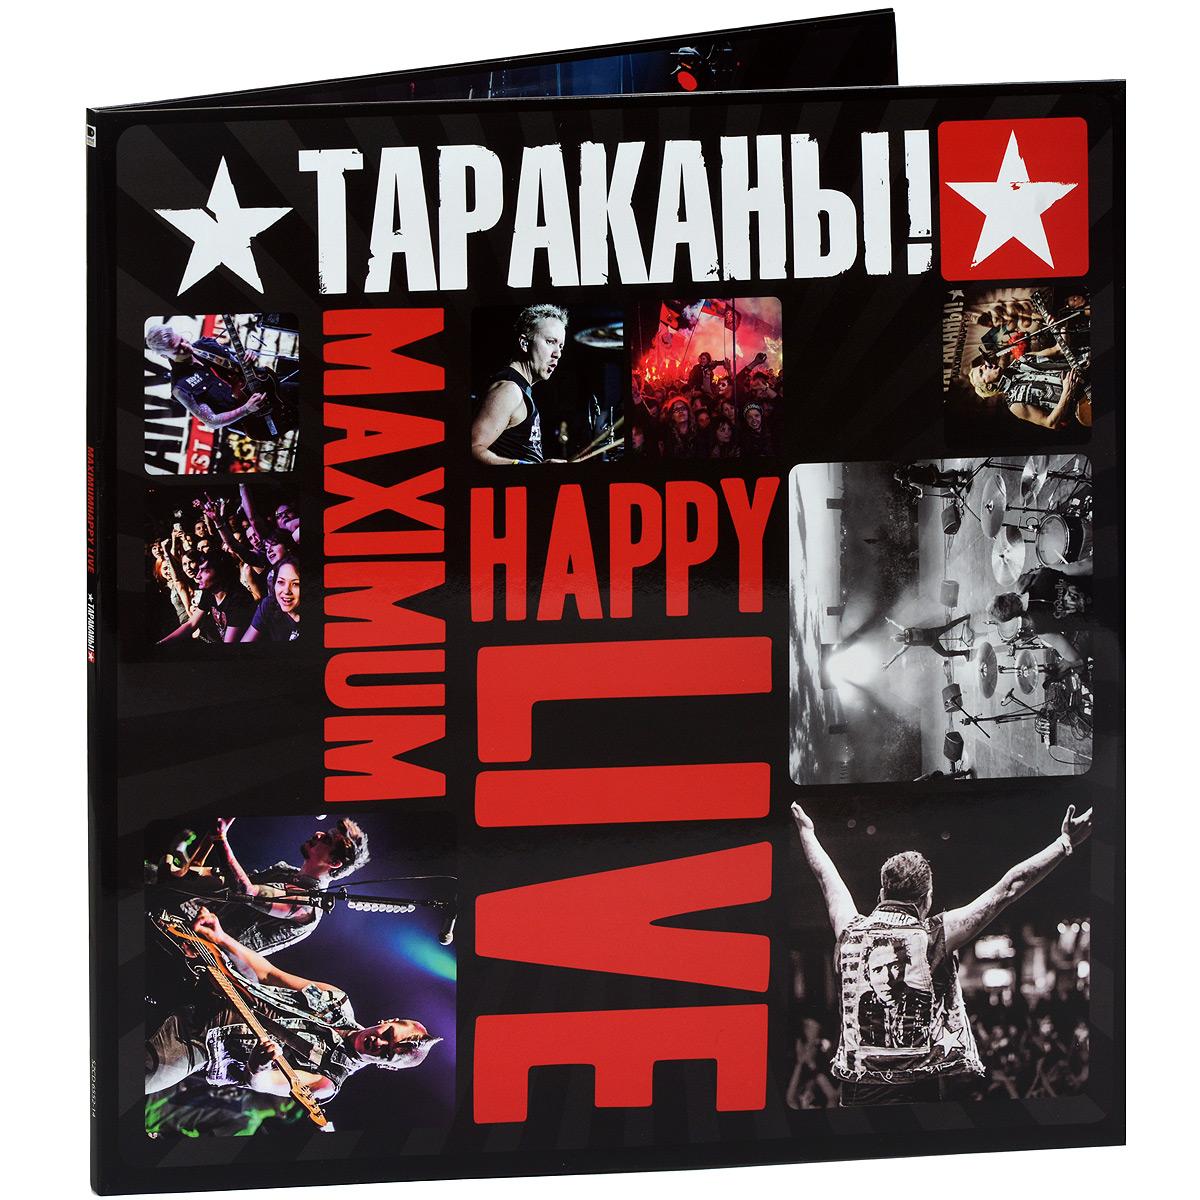 На упаковке содержатся тексты песен на русском языке. К изданию прилагаются наклейки с символикой группы.